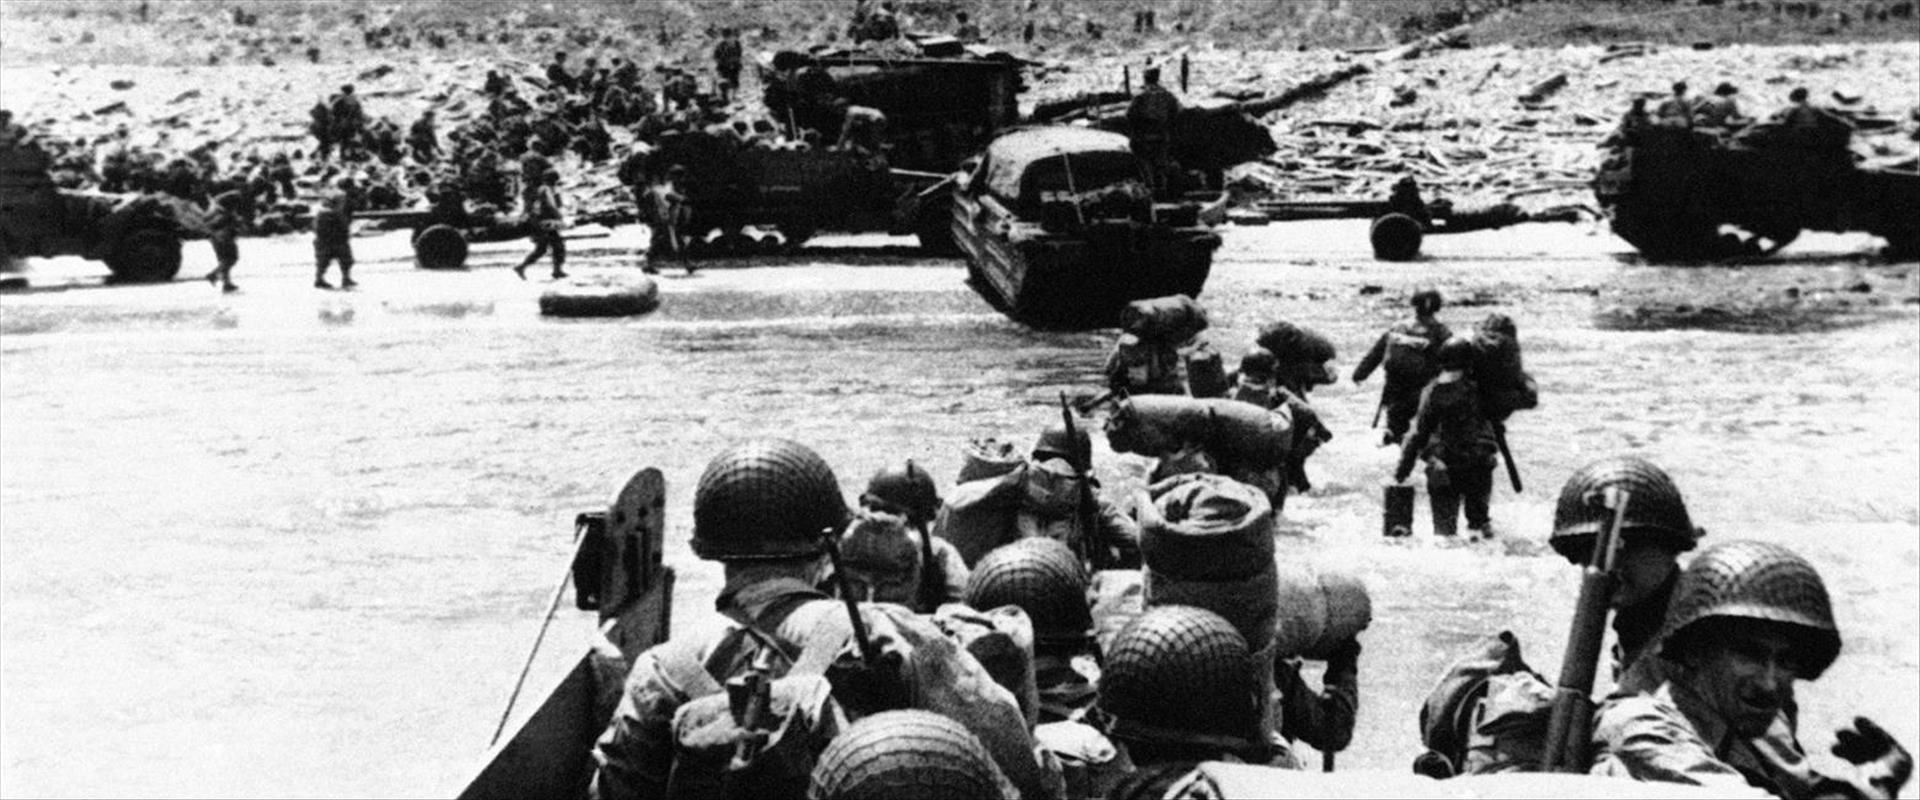 הפלישה לנורמנדי 1944